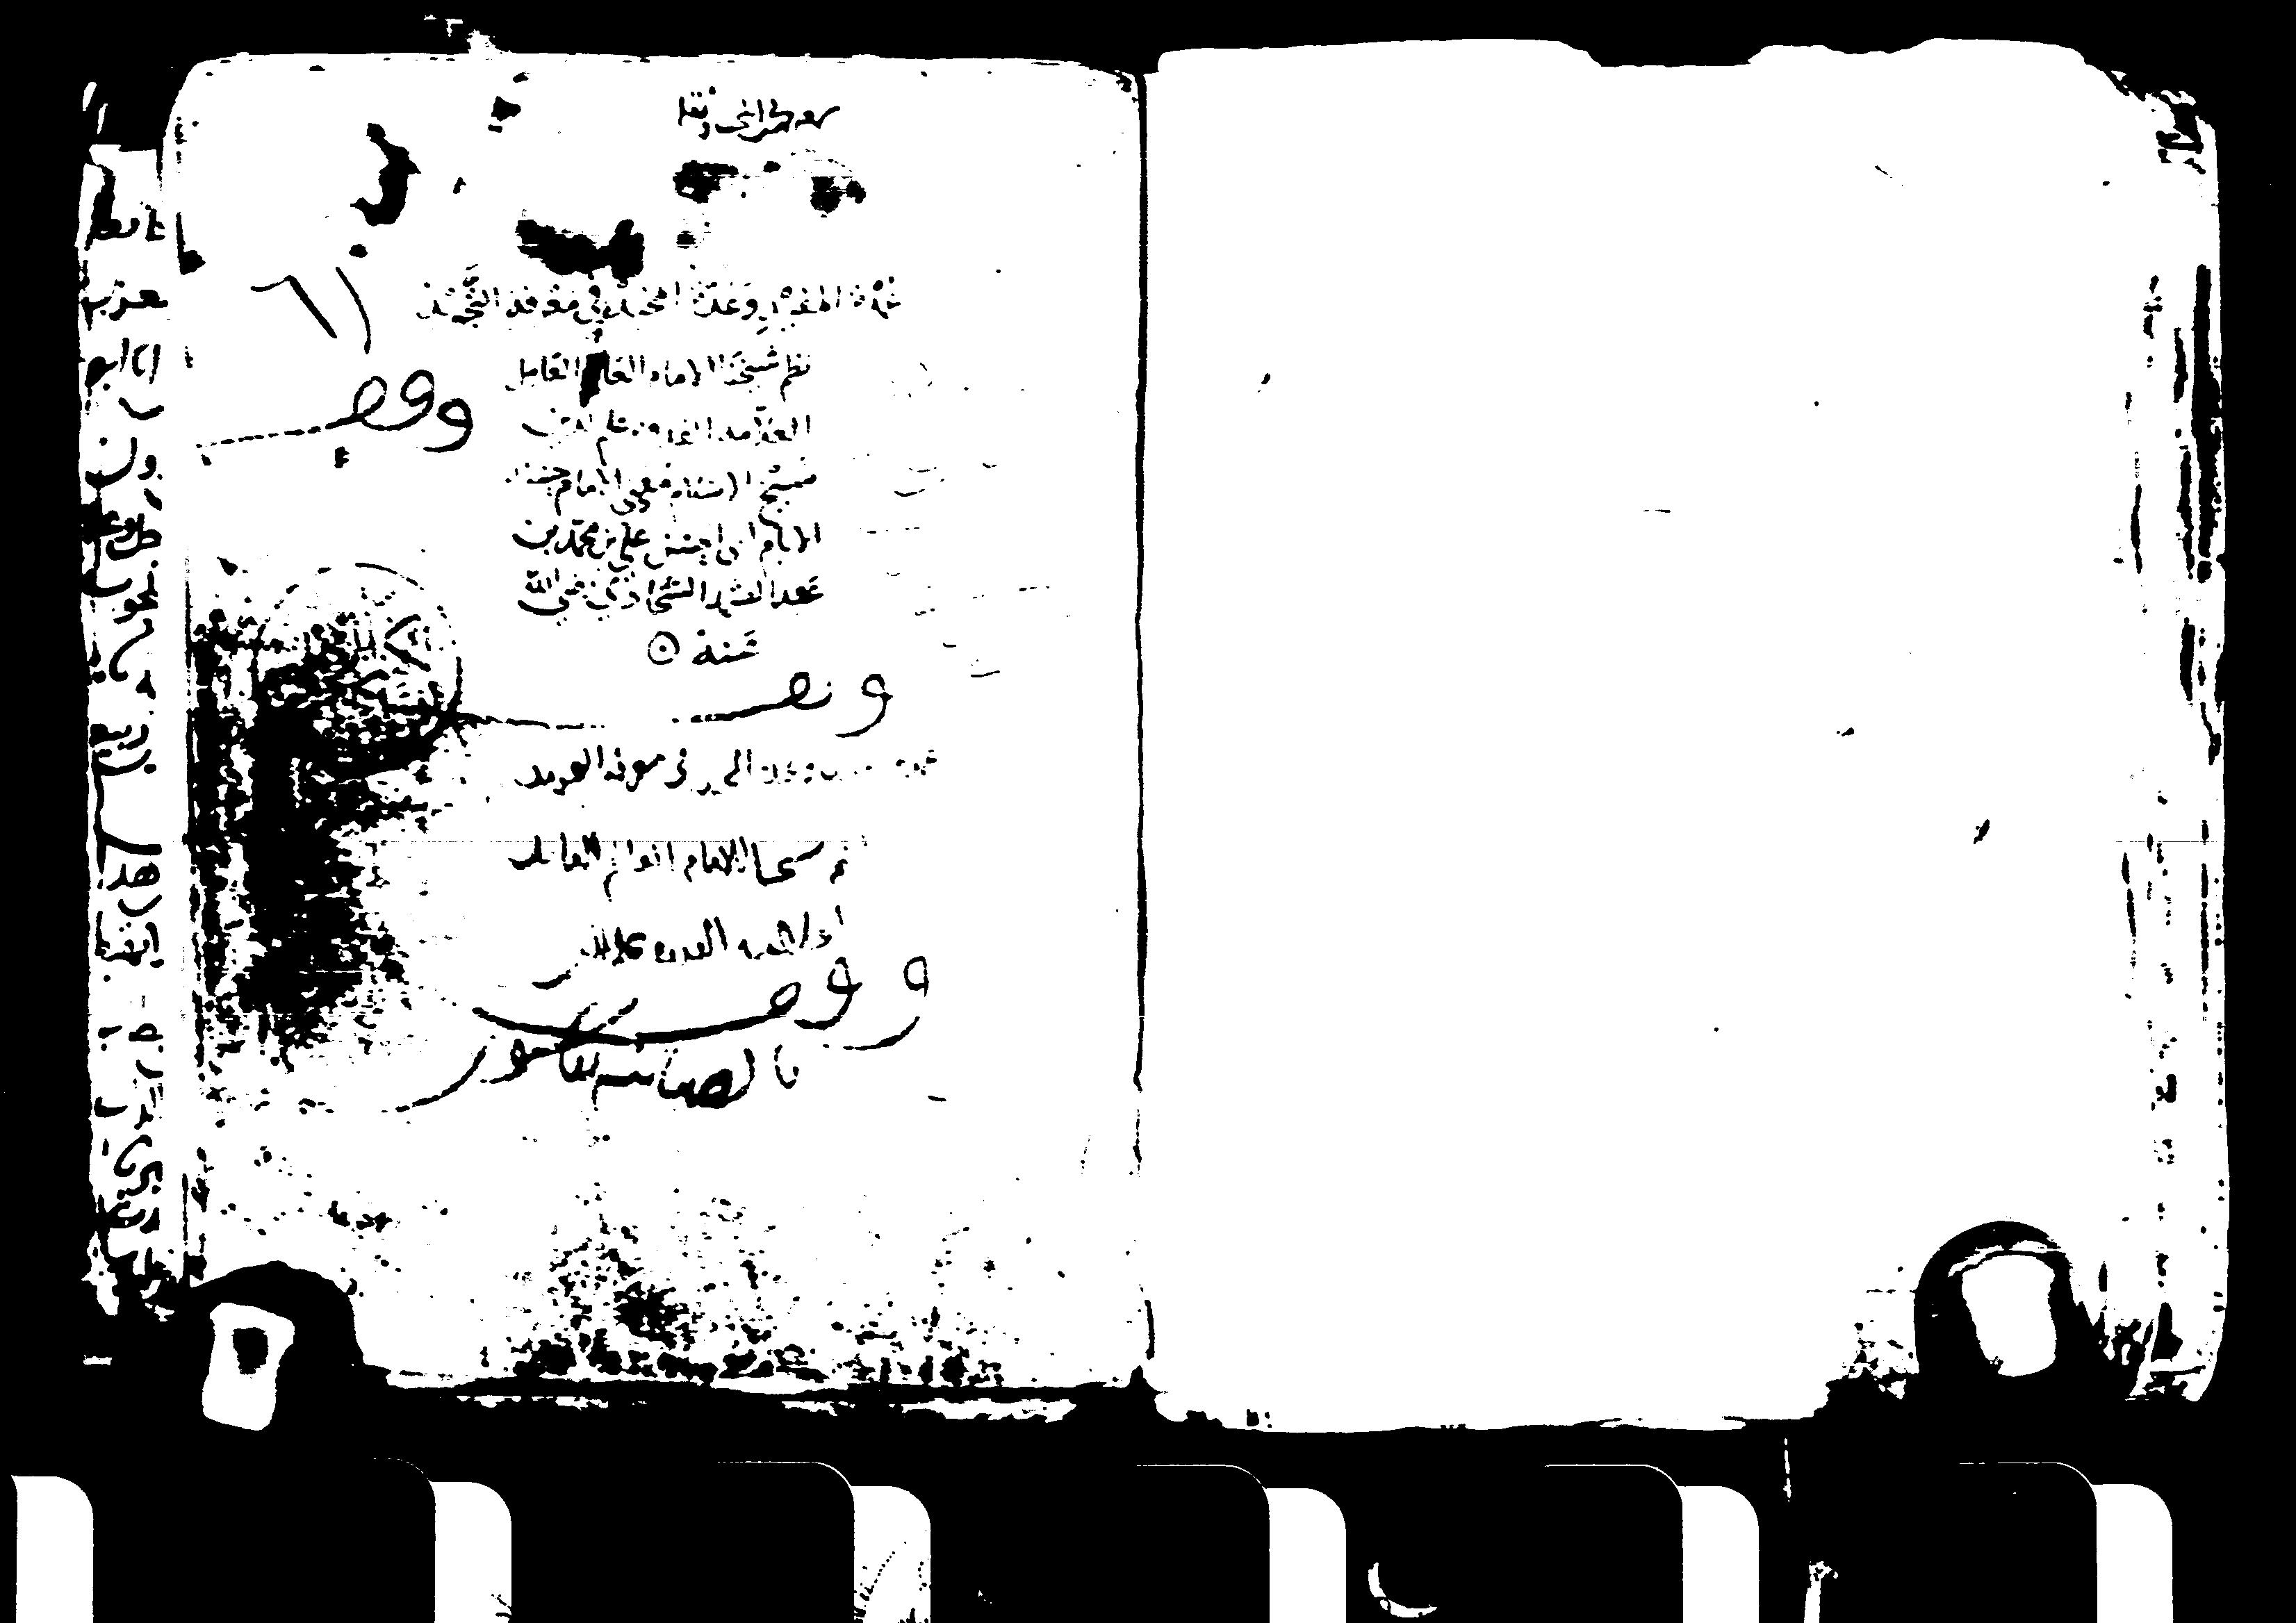 تحميل كتاب عمدة المفيد وعدة المجيد في معرفة التجويد لـِ: الإمام أبو الحسن علم الدين علي بن محمد بن عبد الصمد السخاوي (ت 643)